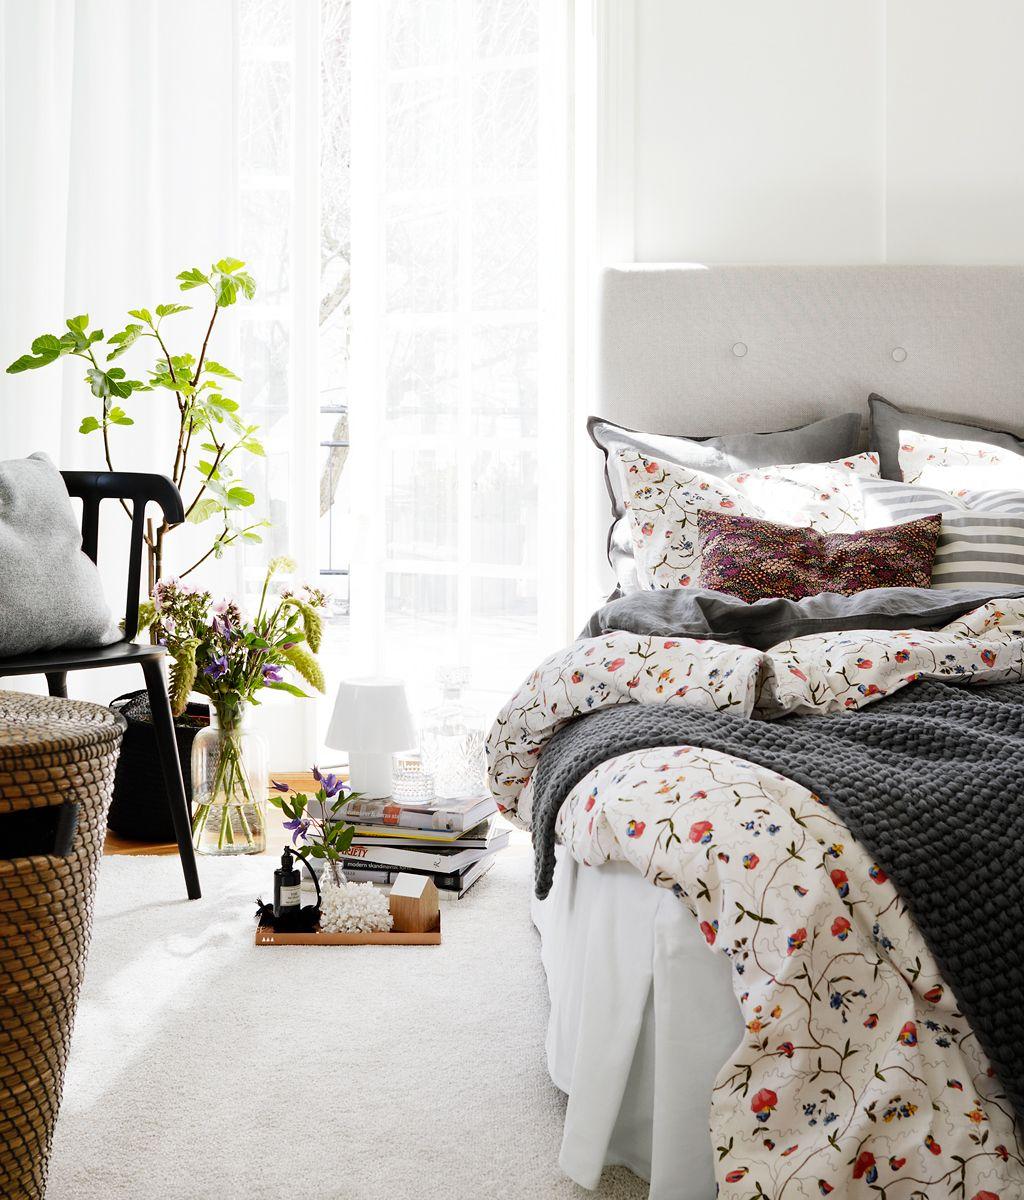 26 Dreamy Spring Bedroom Decor Ideas Digsdigs Spring Bedroom